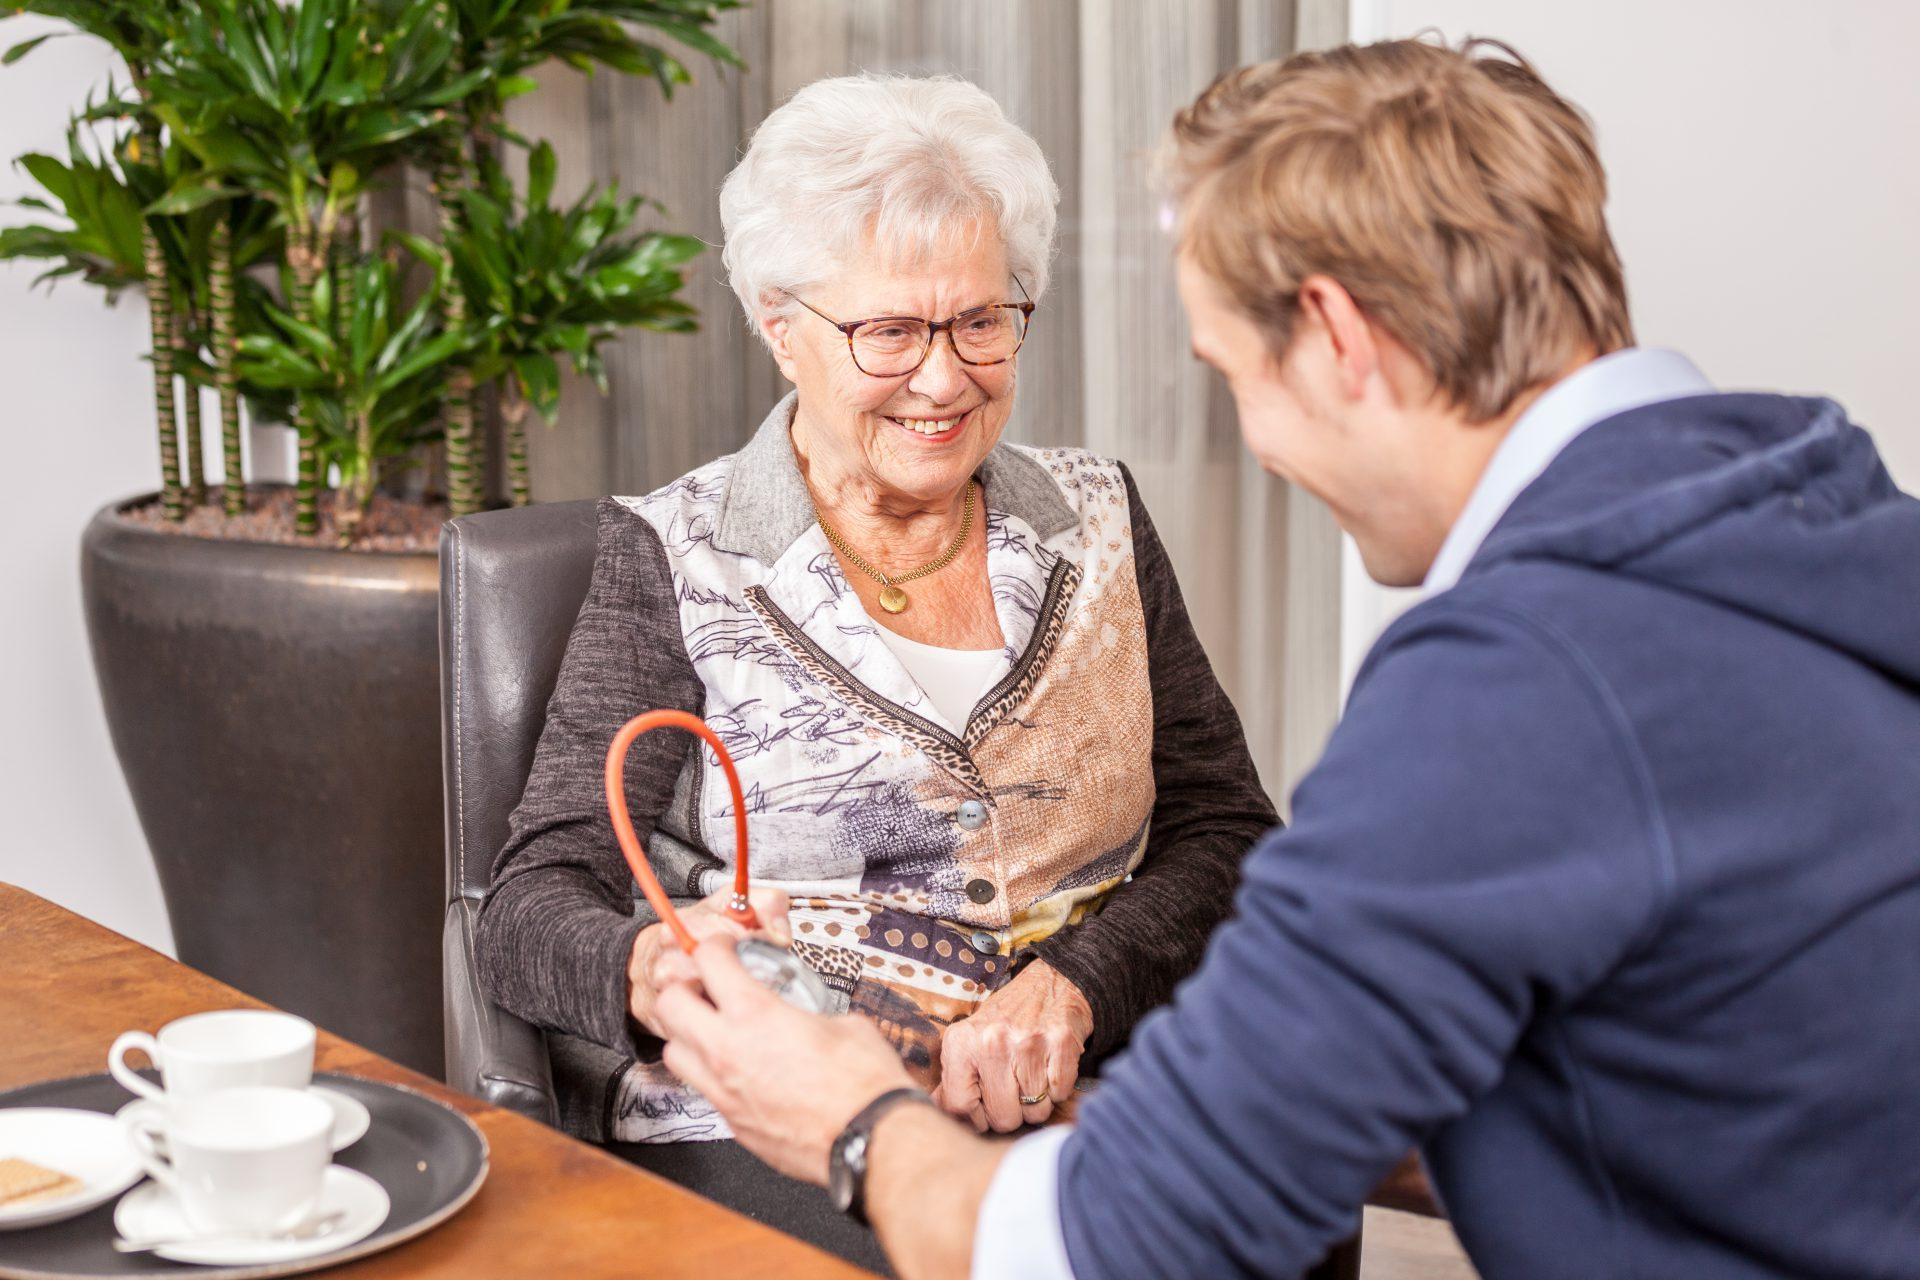 Oudere vrouw bij jonge fysio - FotoFluvius